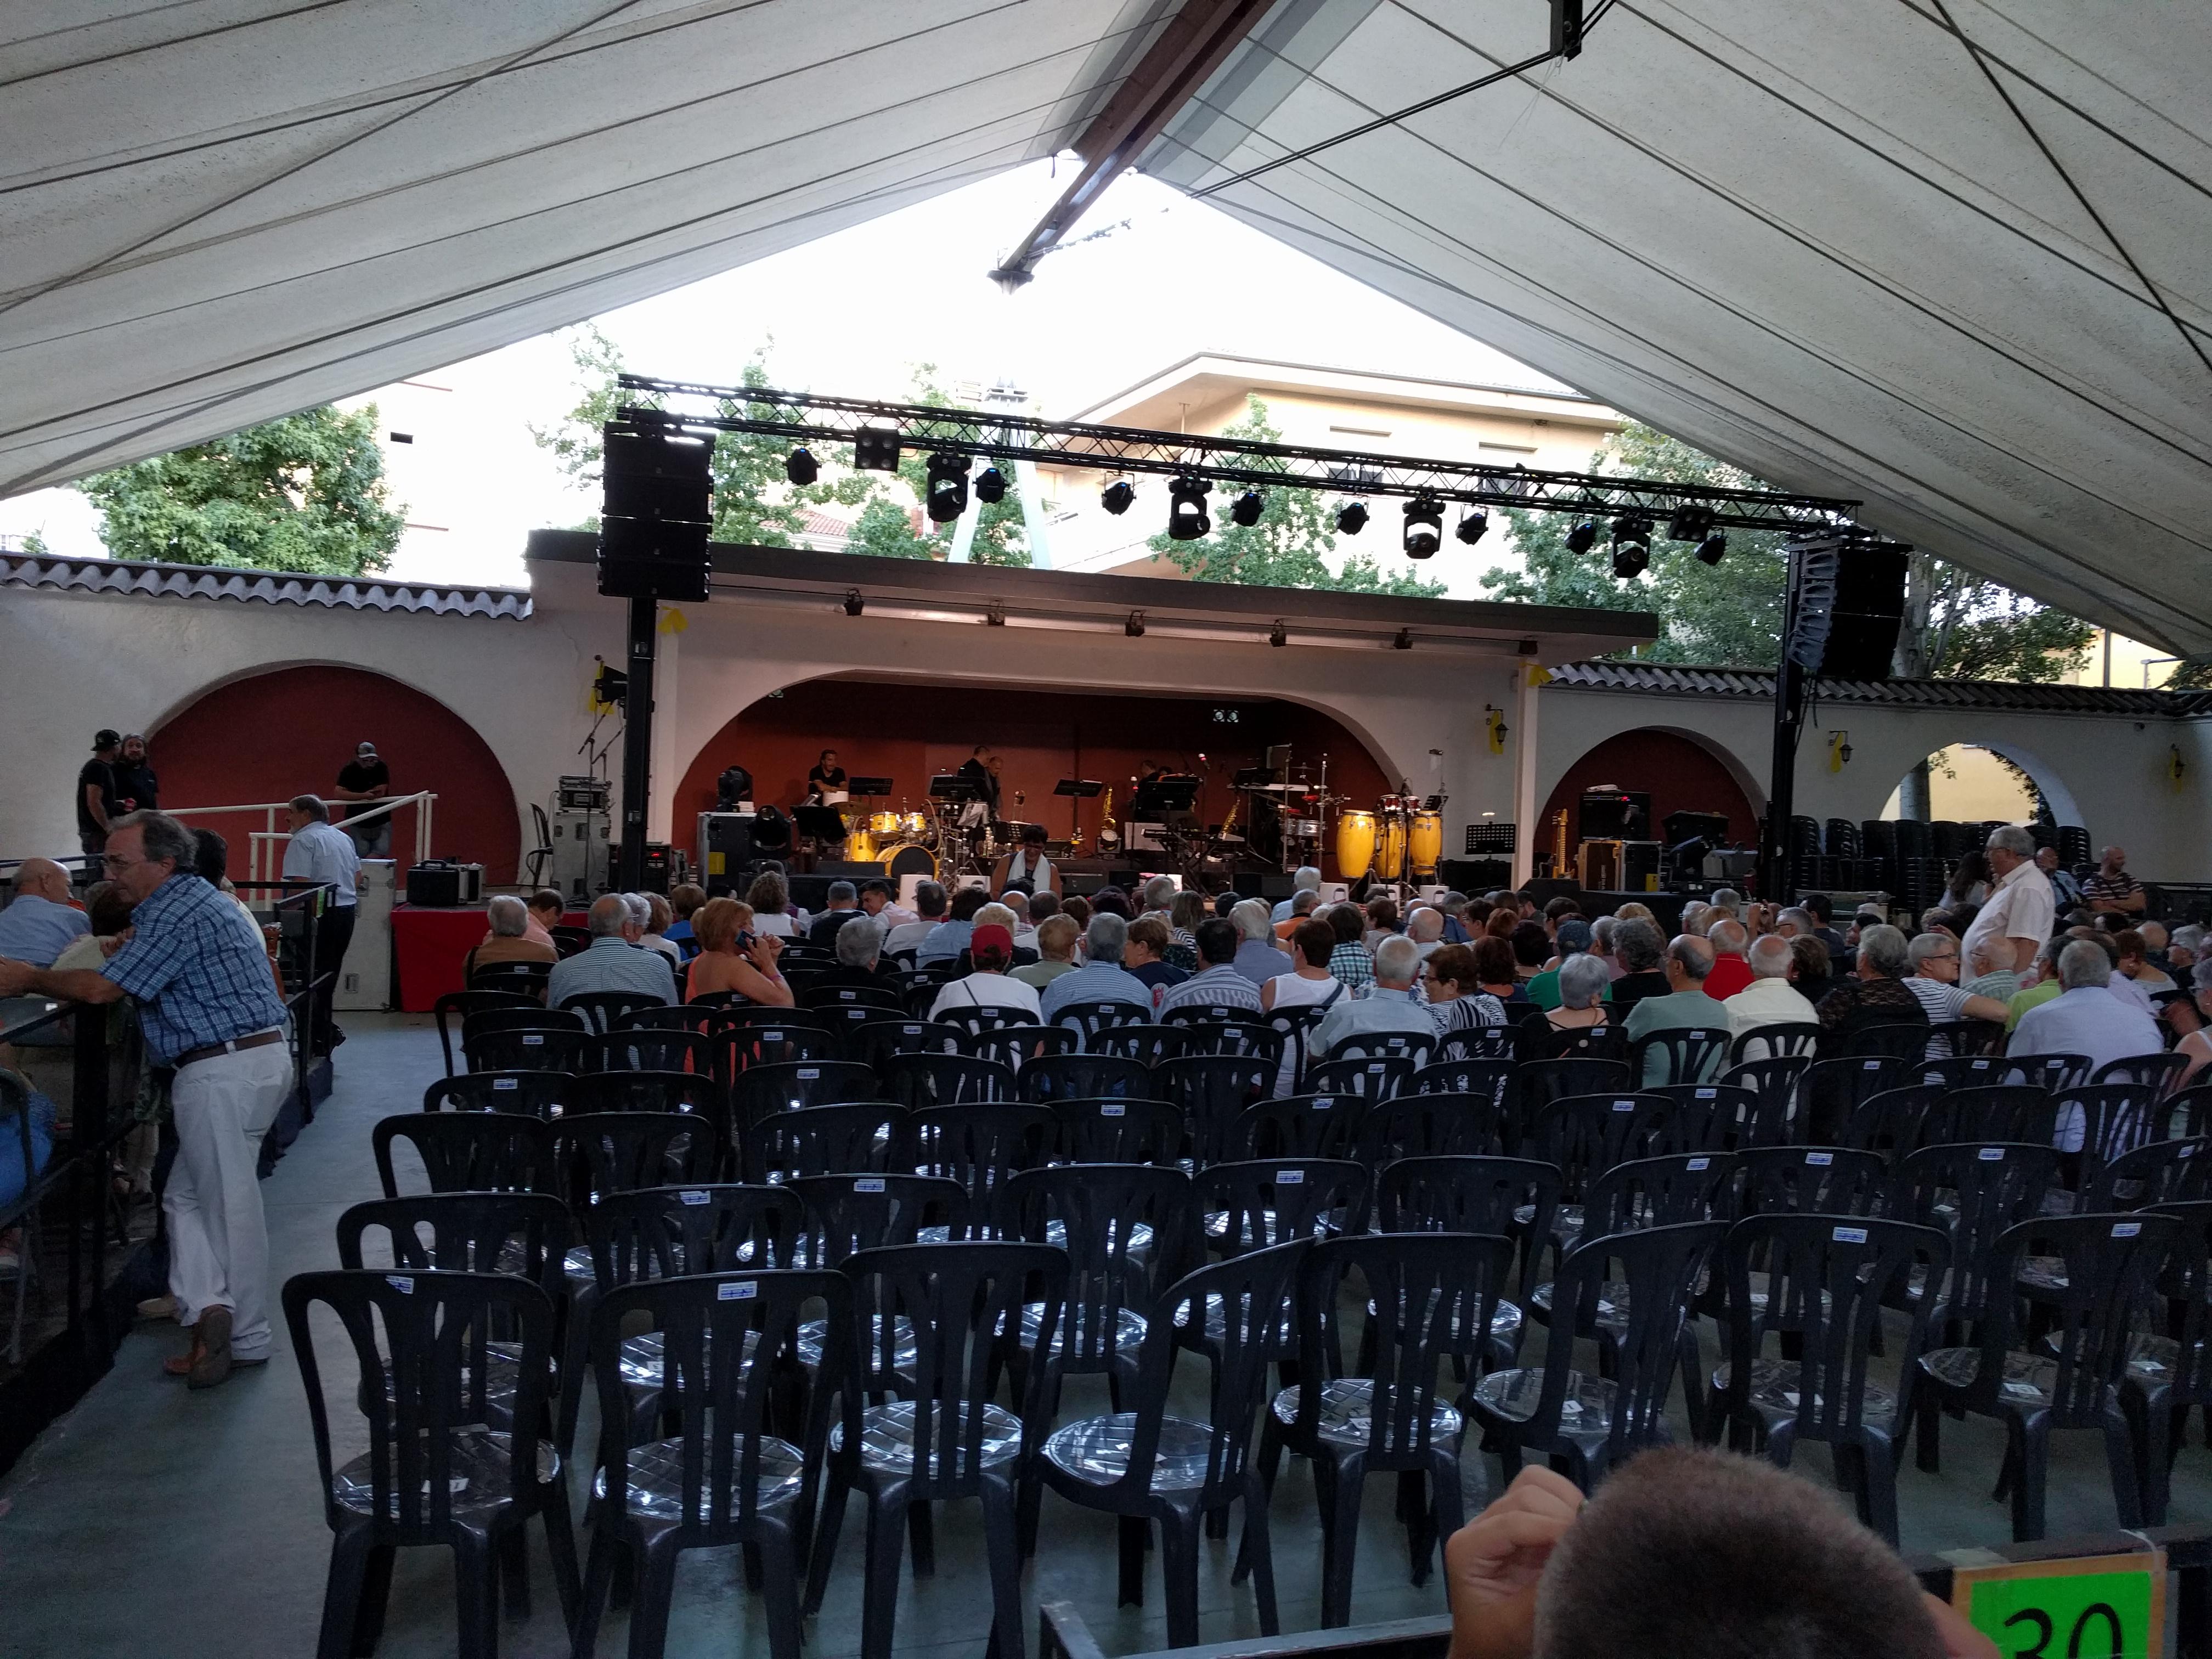 Així estava la Pista Jardí 45 minuts abans de començar el concert